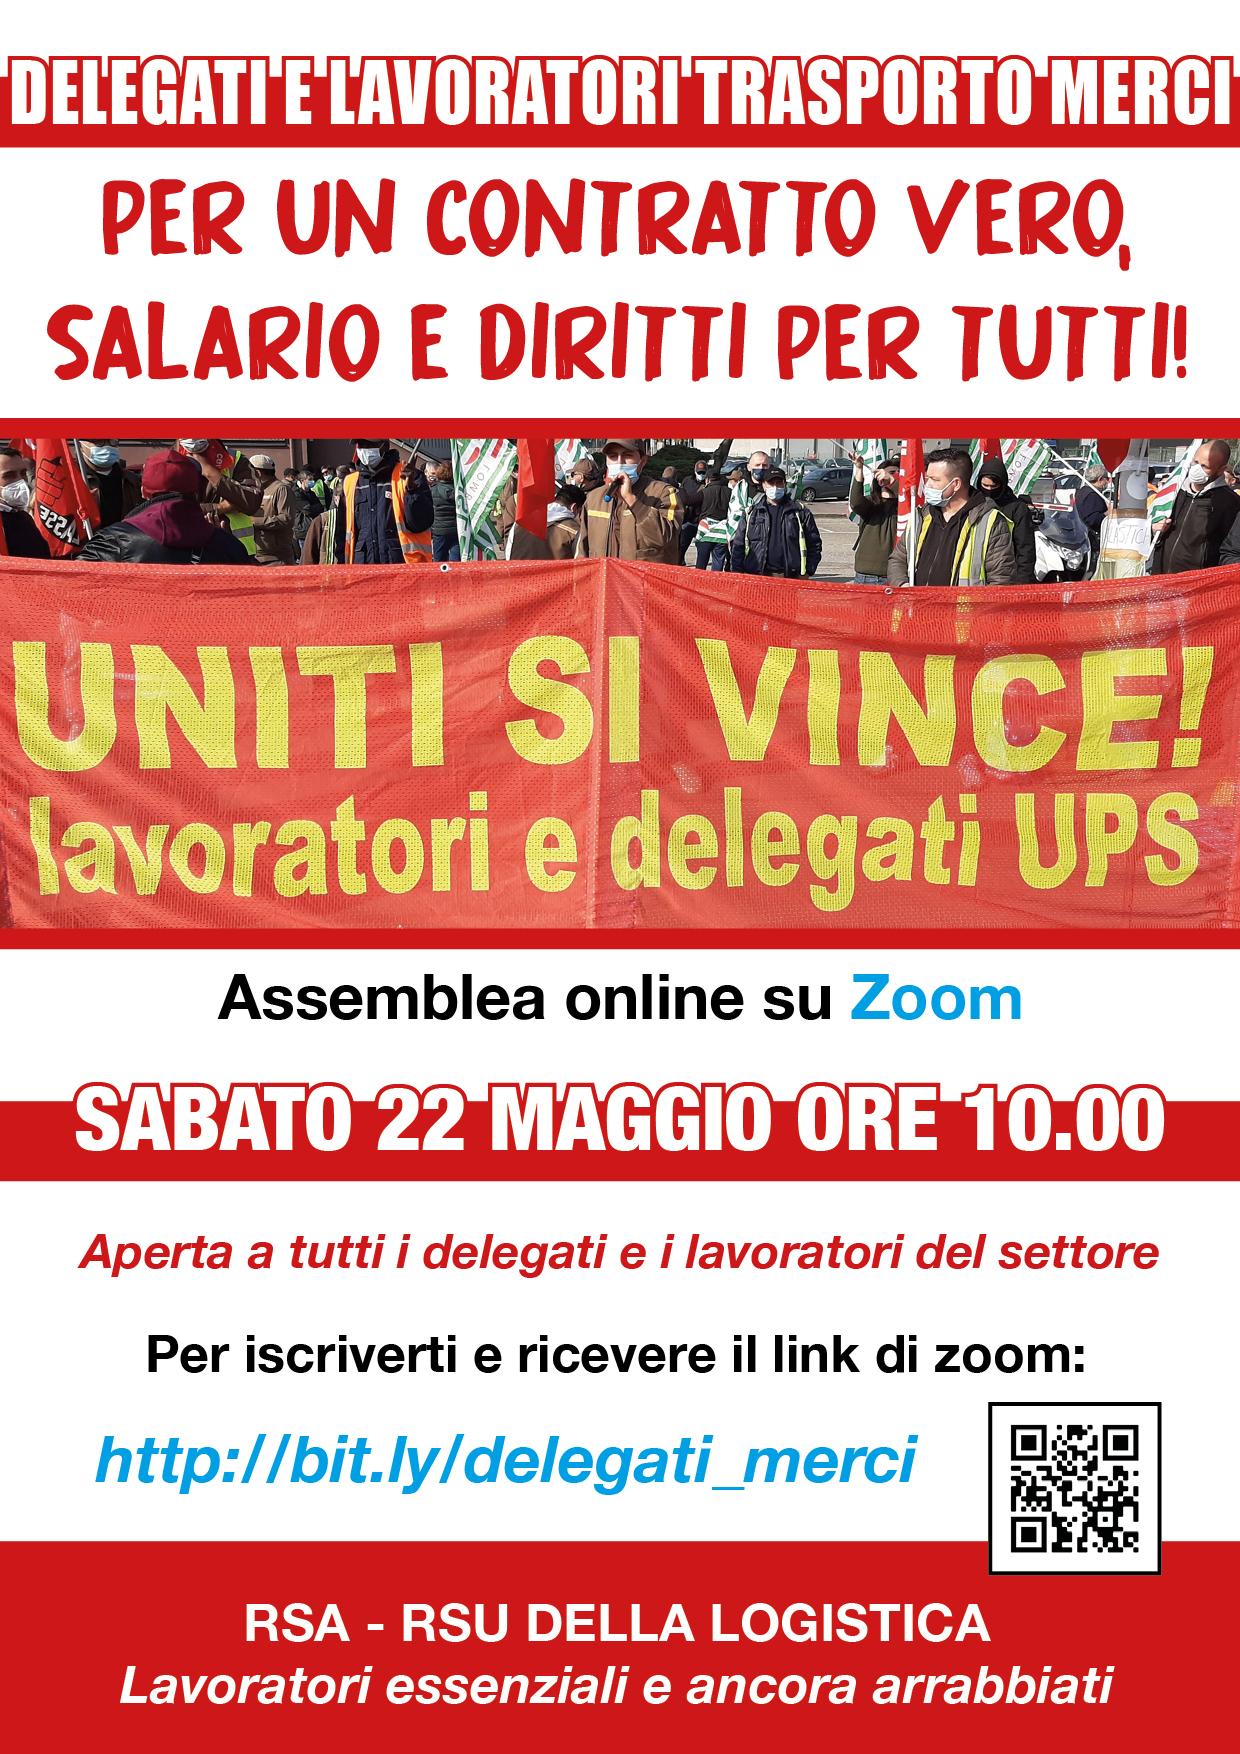 22 maggio: assemblea online delegati e lavoratori Trasporto merci